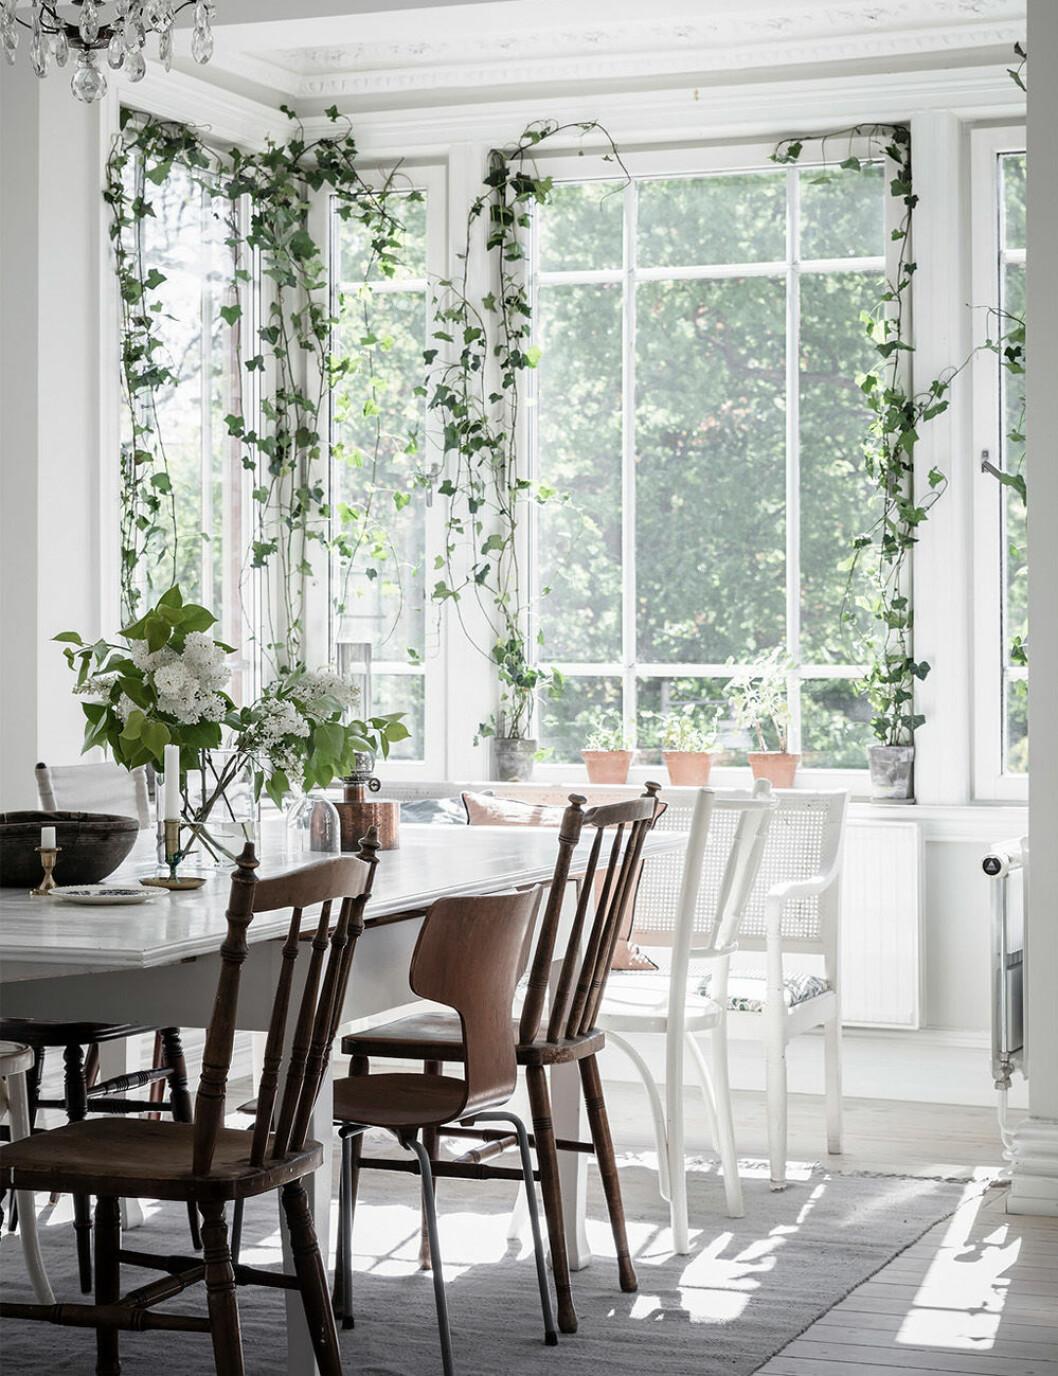 Gröna gardiner med klätterväxter i fönstret